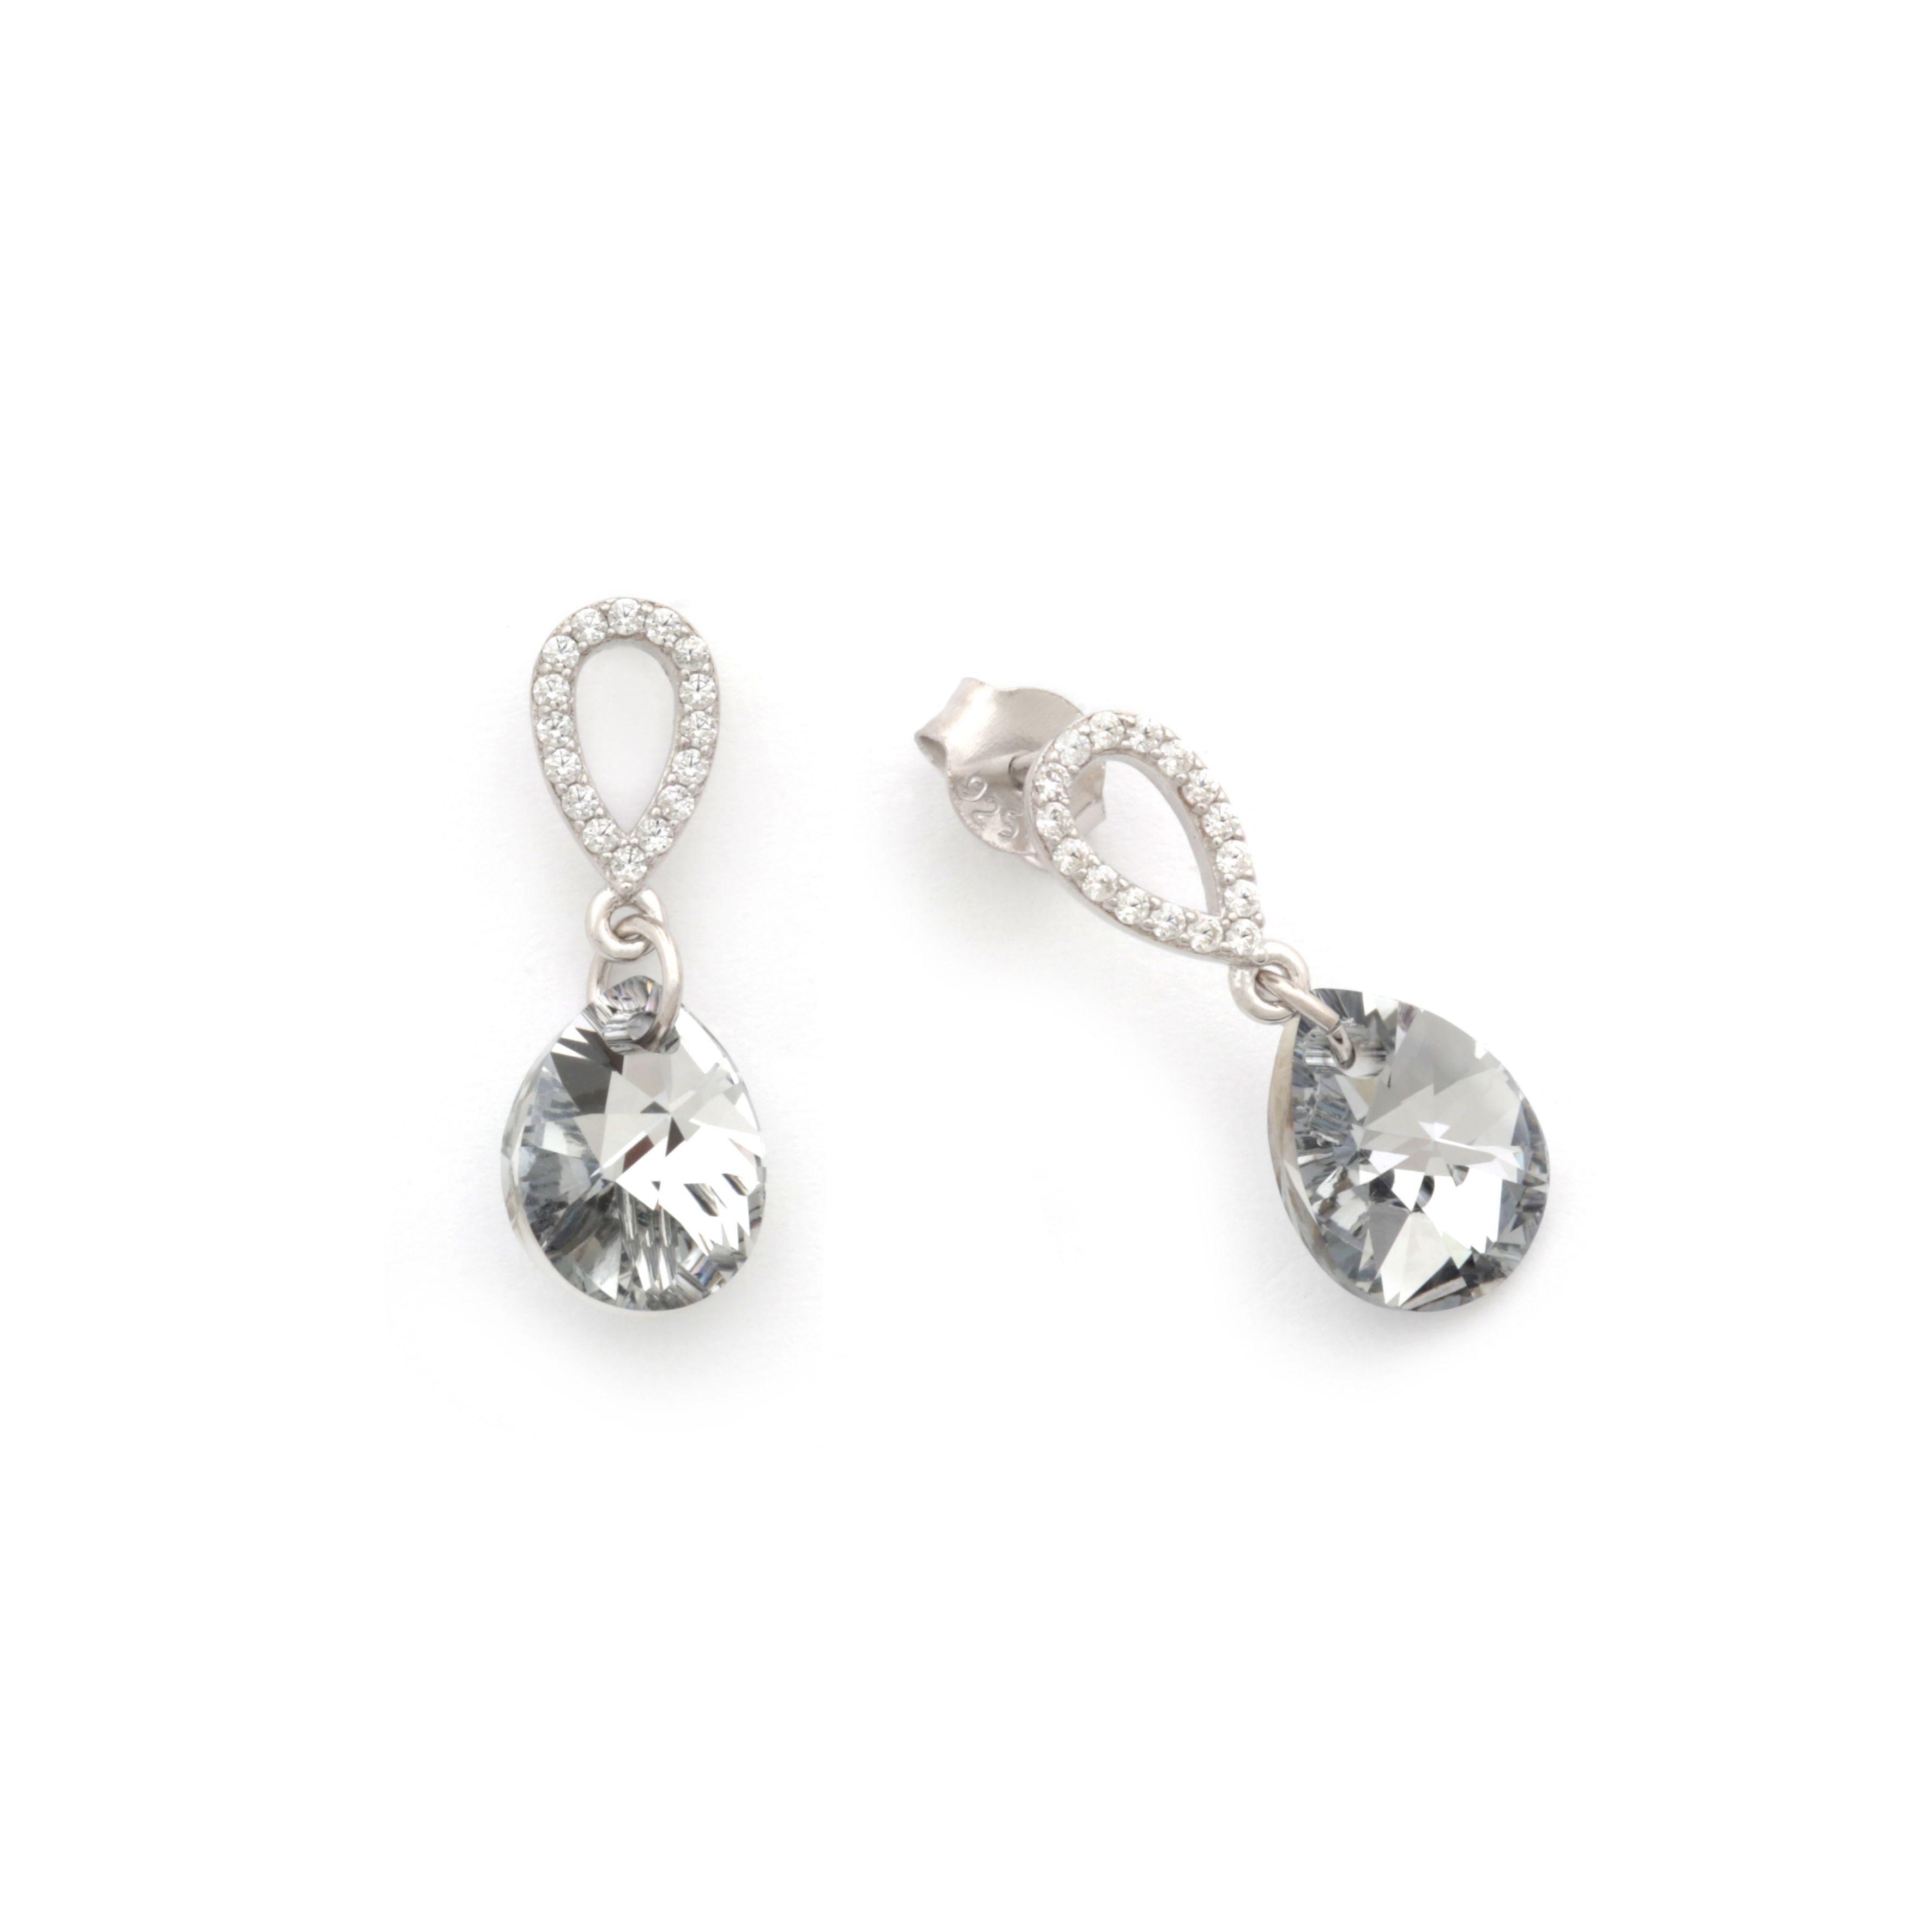 cec09496fe3a Pendientes a forma de Gota hechos con cristales Swarovski Blancos y  circonitas en Plata de Ley